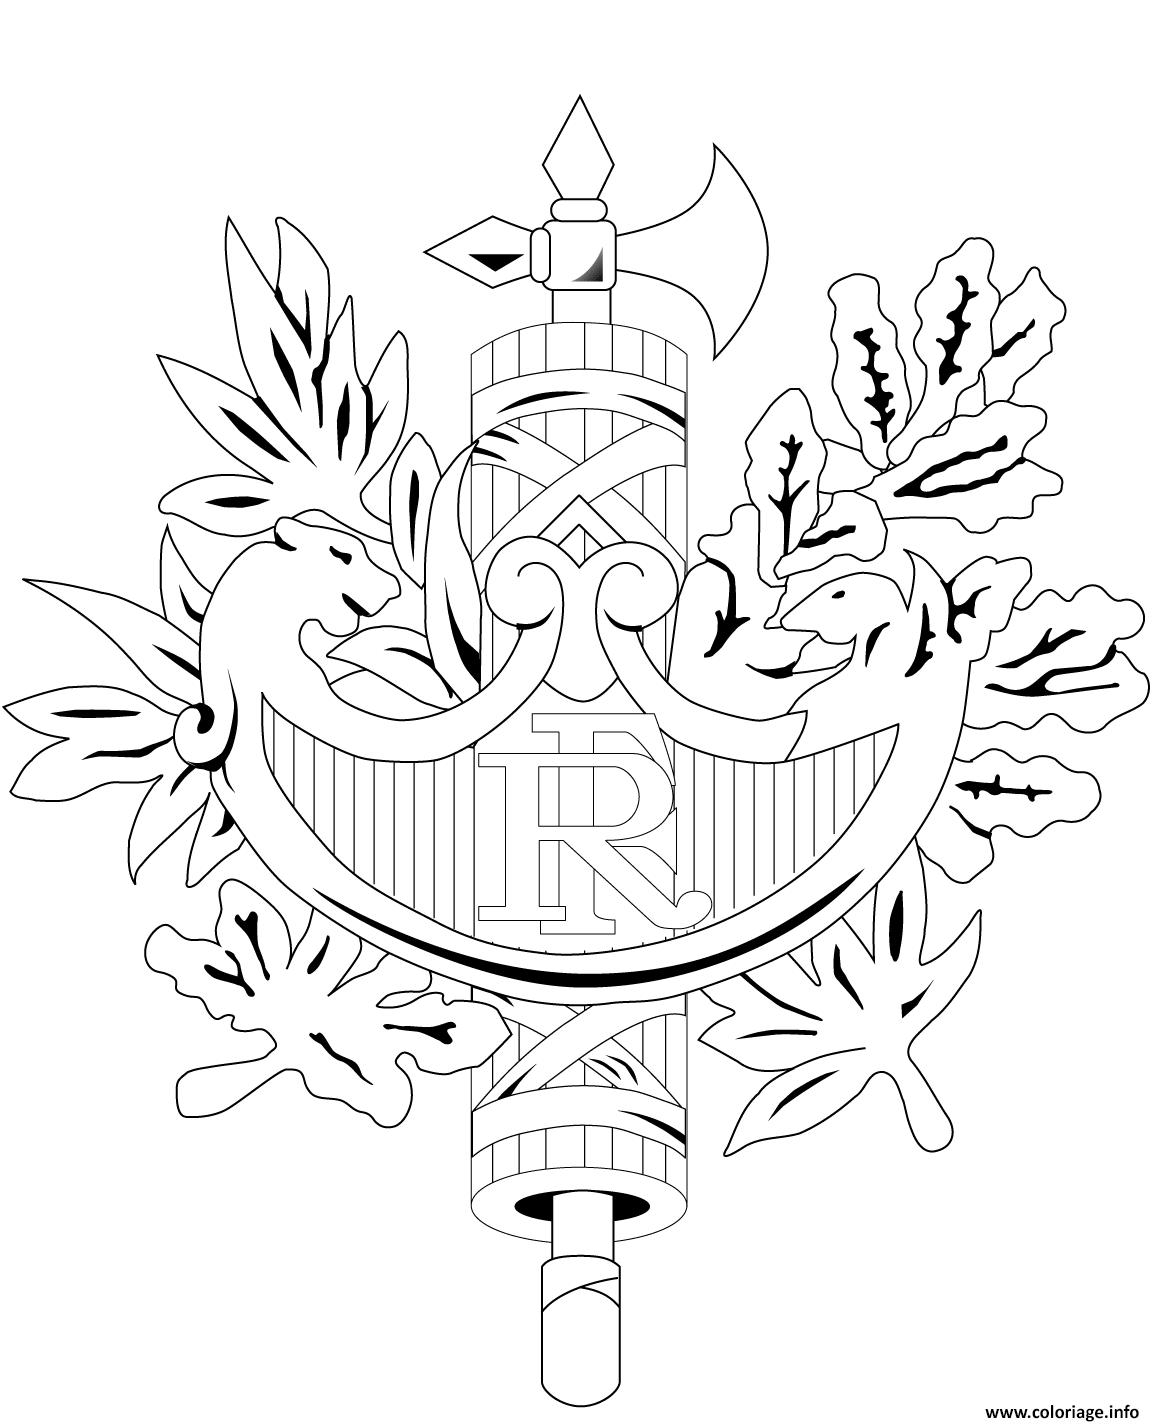 Dessin embleme officieux de la republique francaise Coloriage Gratuit à Imprimer